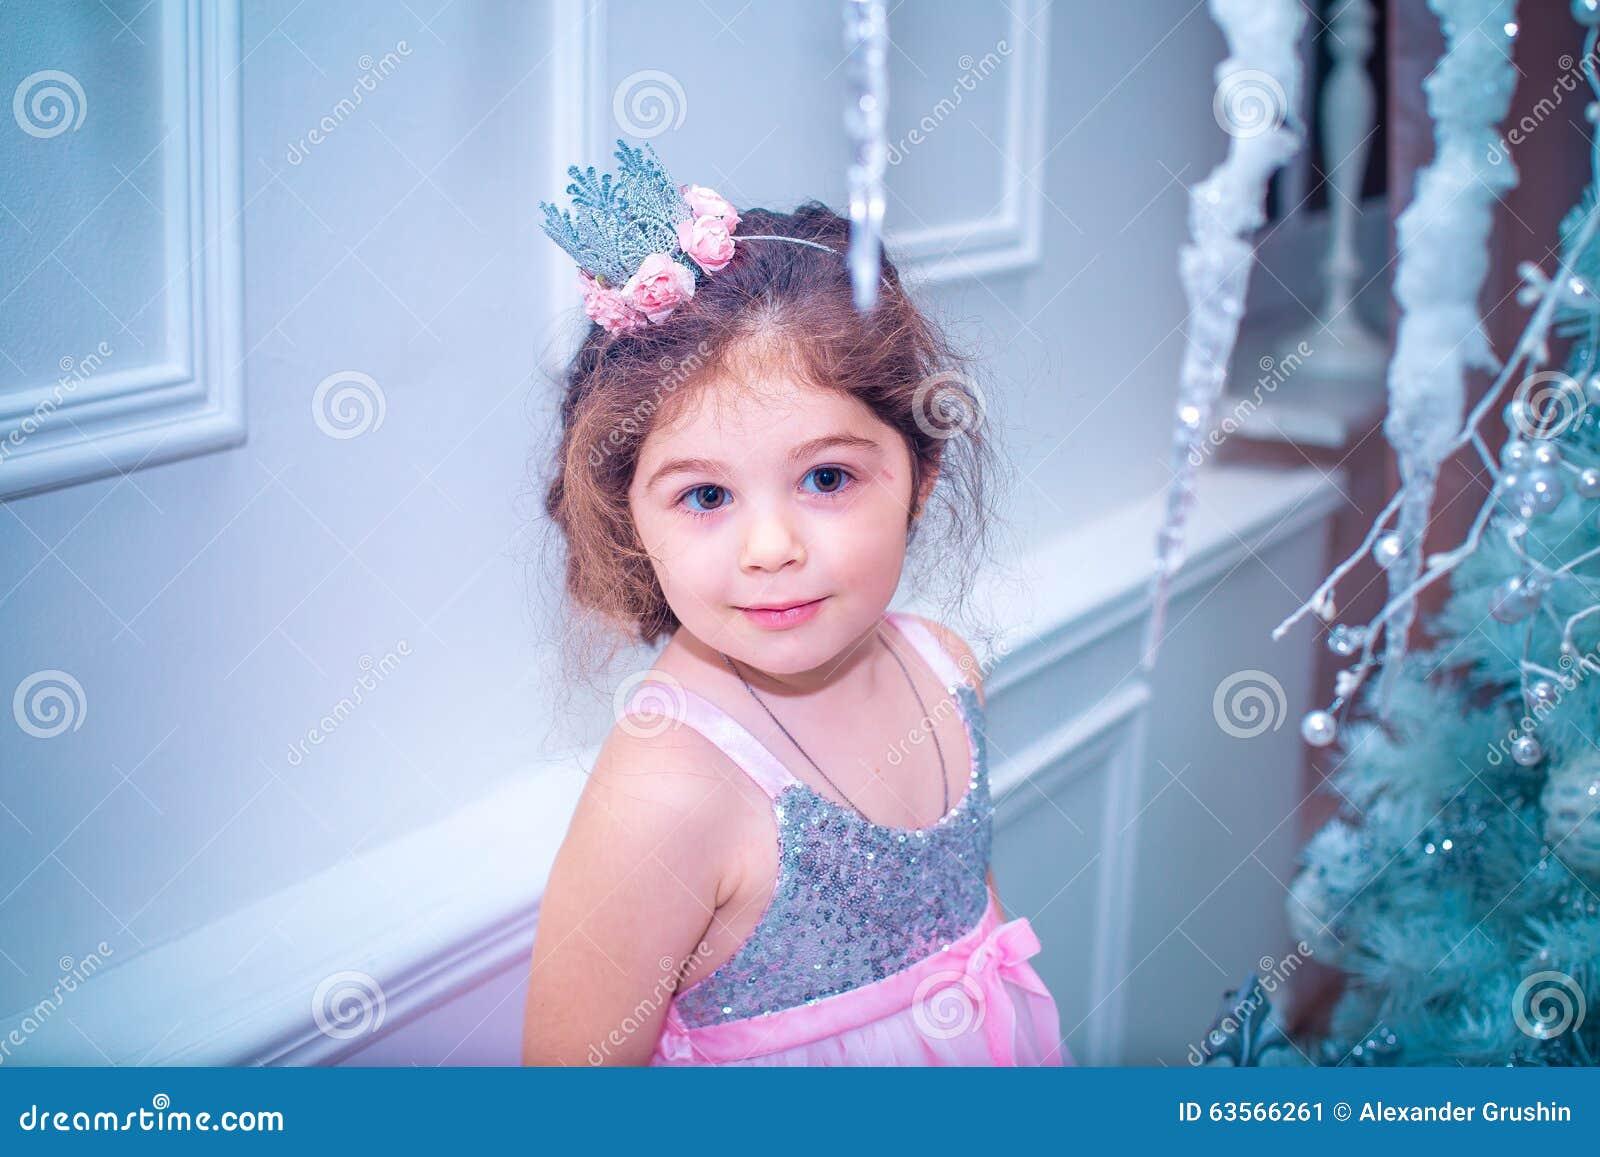 Девочка в красивом платье белом